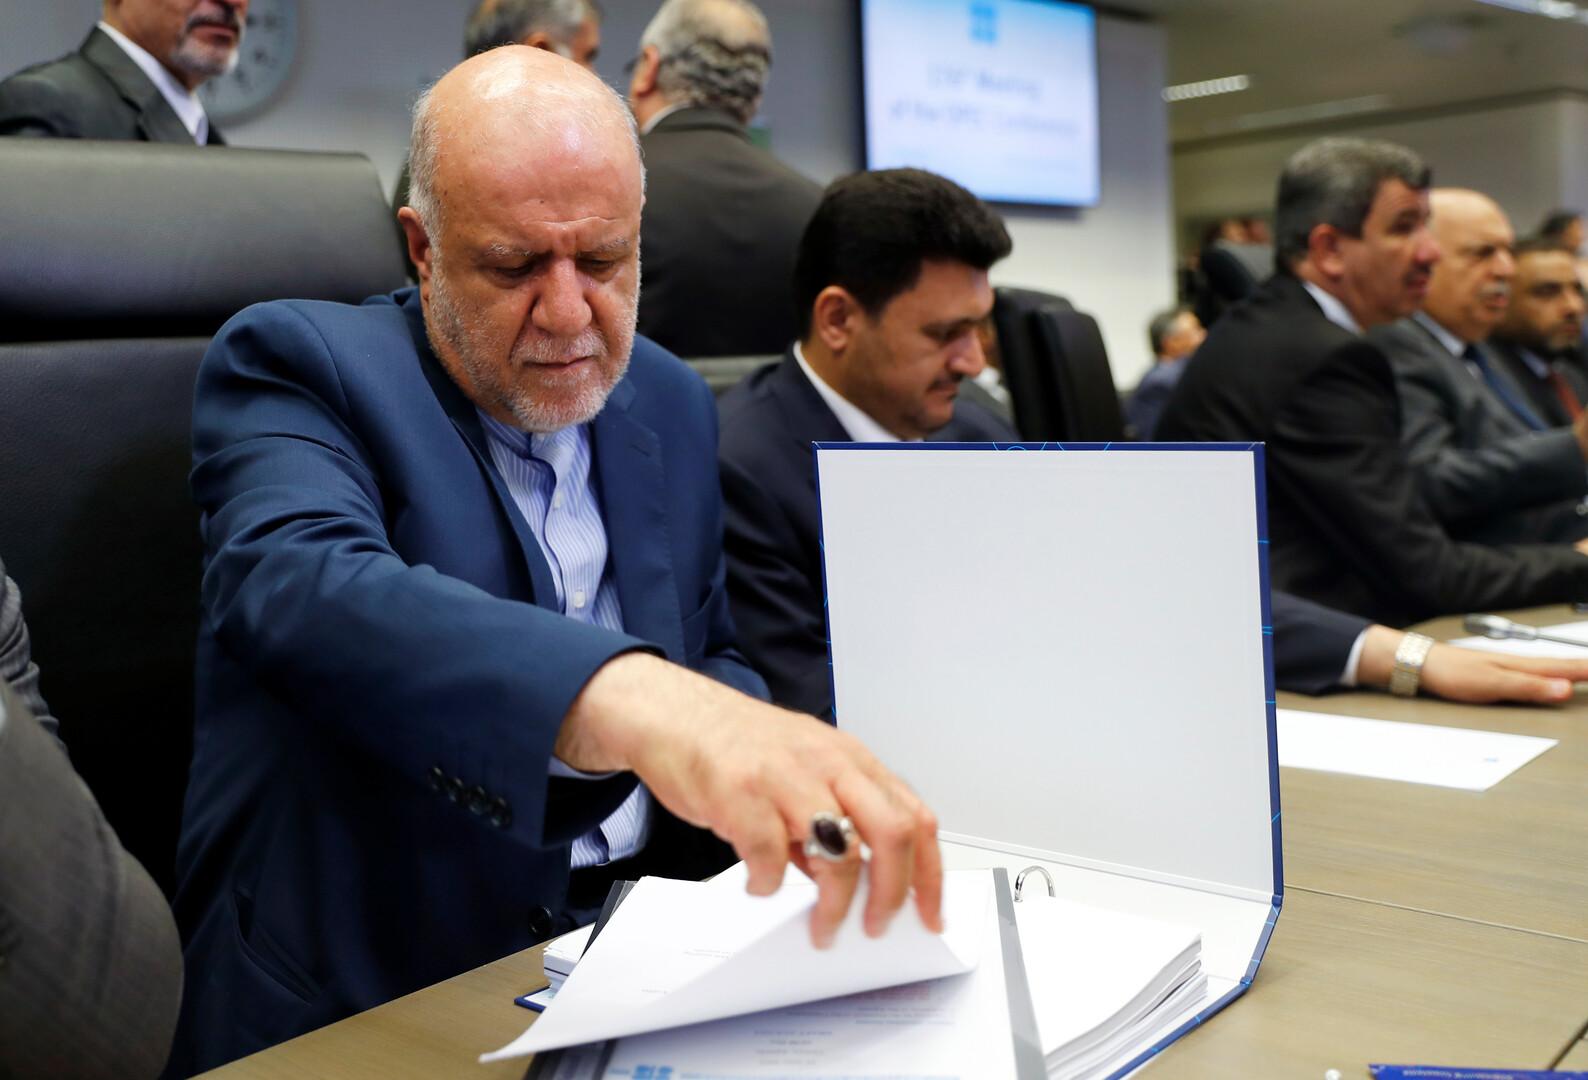 إيران توقع عقدا مع شركة محلية لتطوير حقل غاز مشترك مع قطر